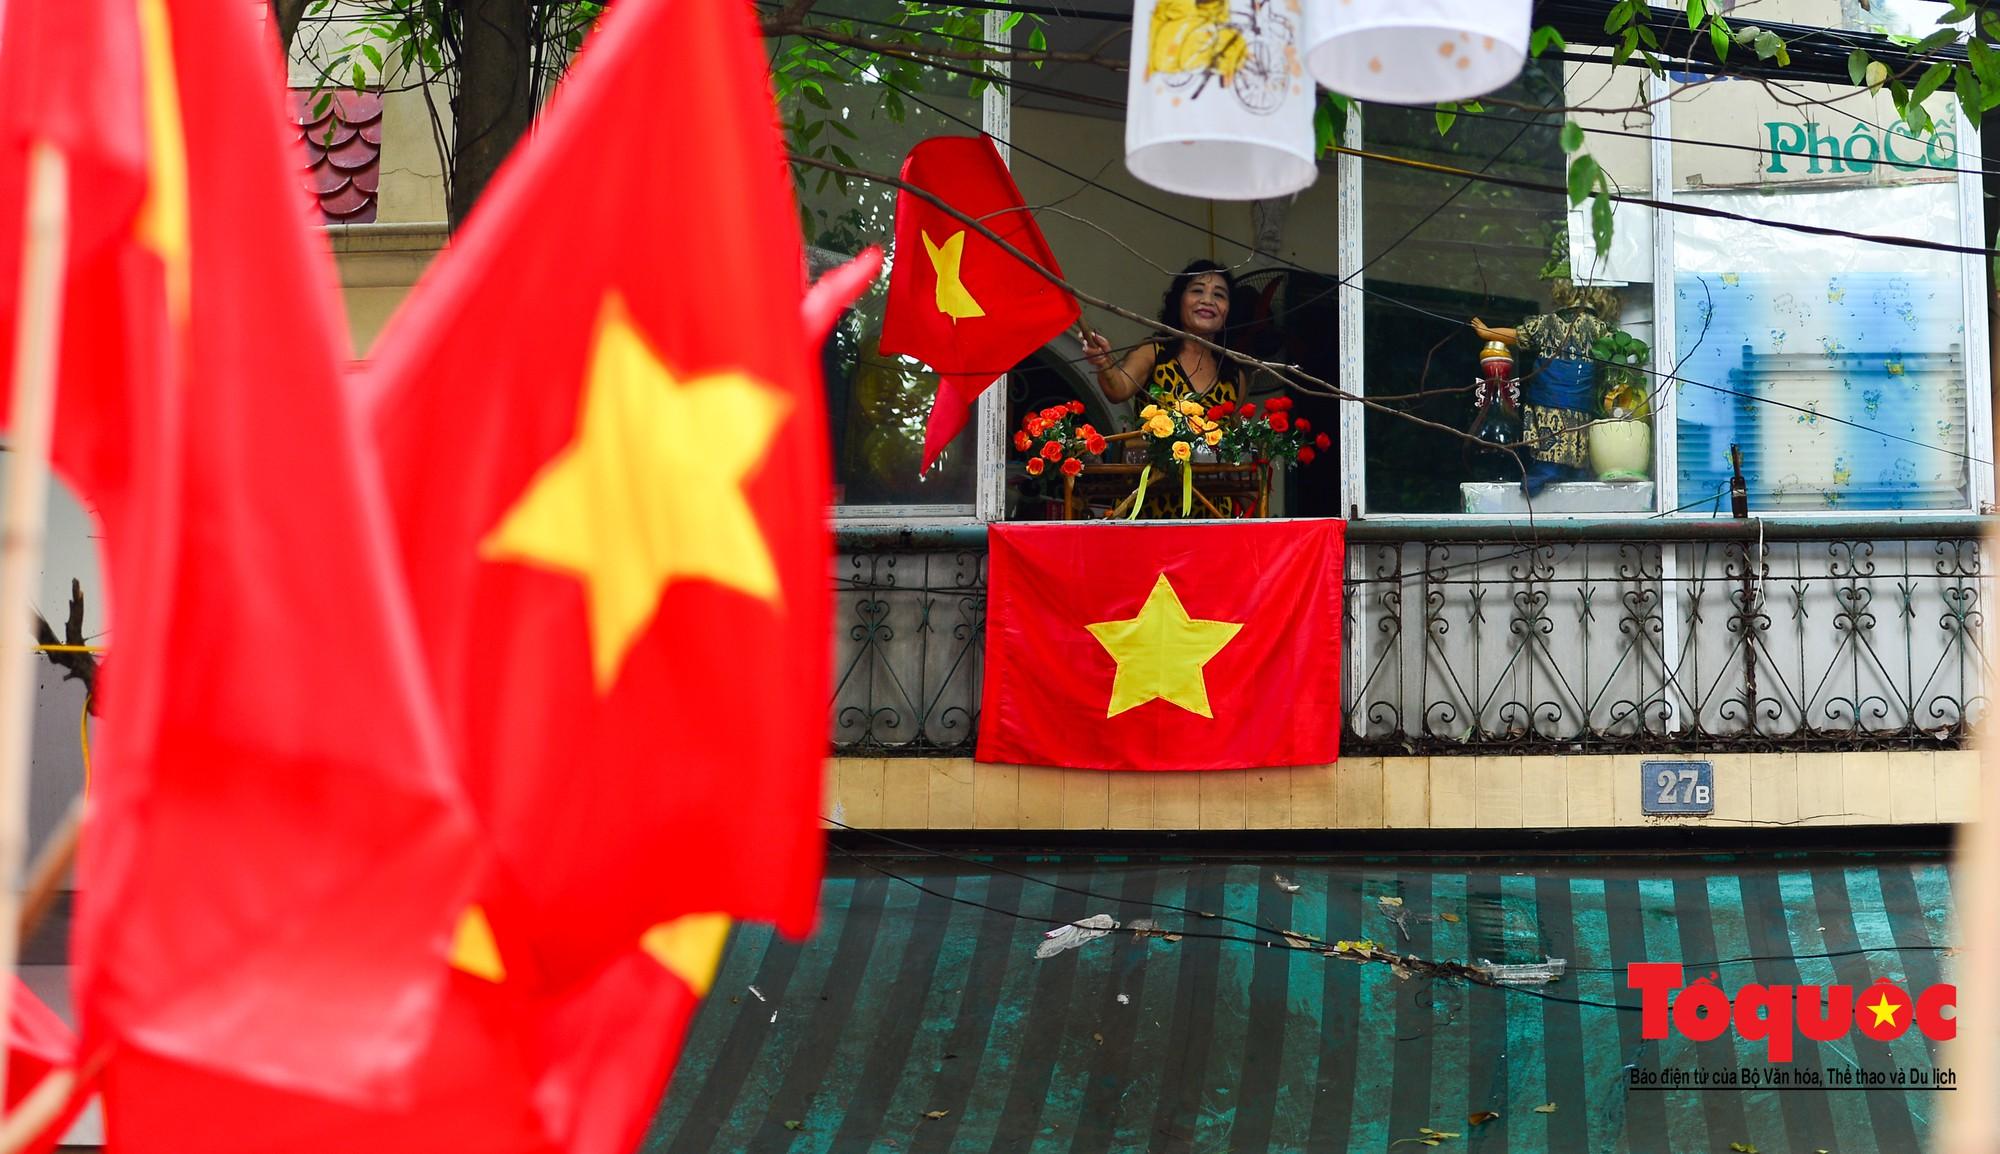 Tái hiện ký ức hào hùng đoàn quân chiến thắng trở về tiếp quản thủ đô Hà Nội 65 năm trước 16